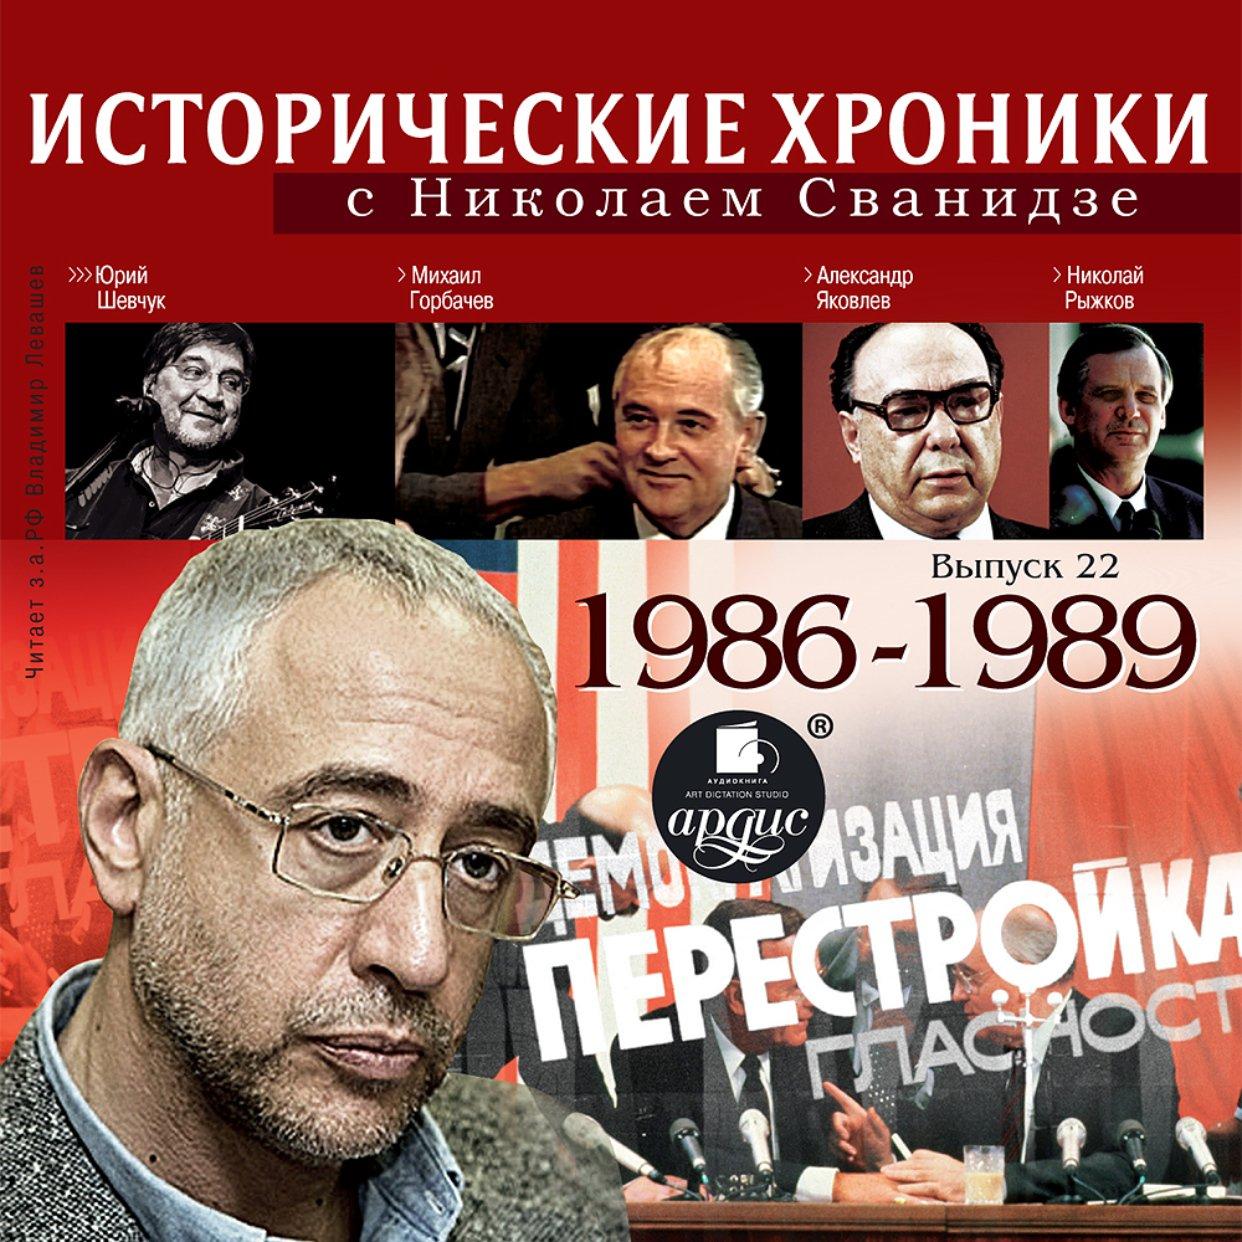 Исторические хроники с Николаем Сванидзе. Выпуск 22. 1986-1989гг.